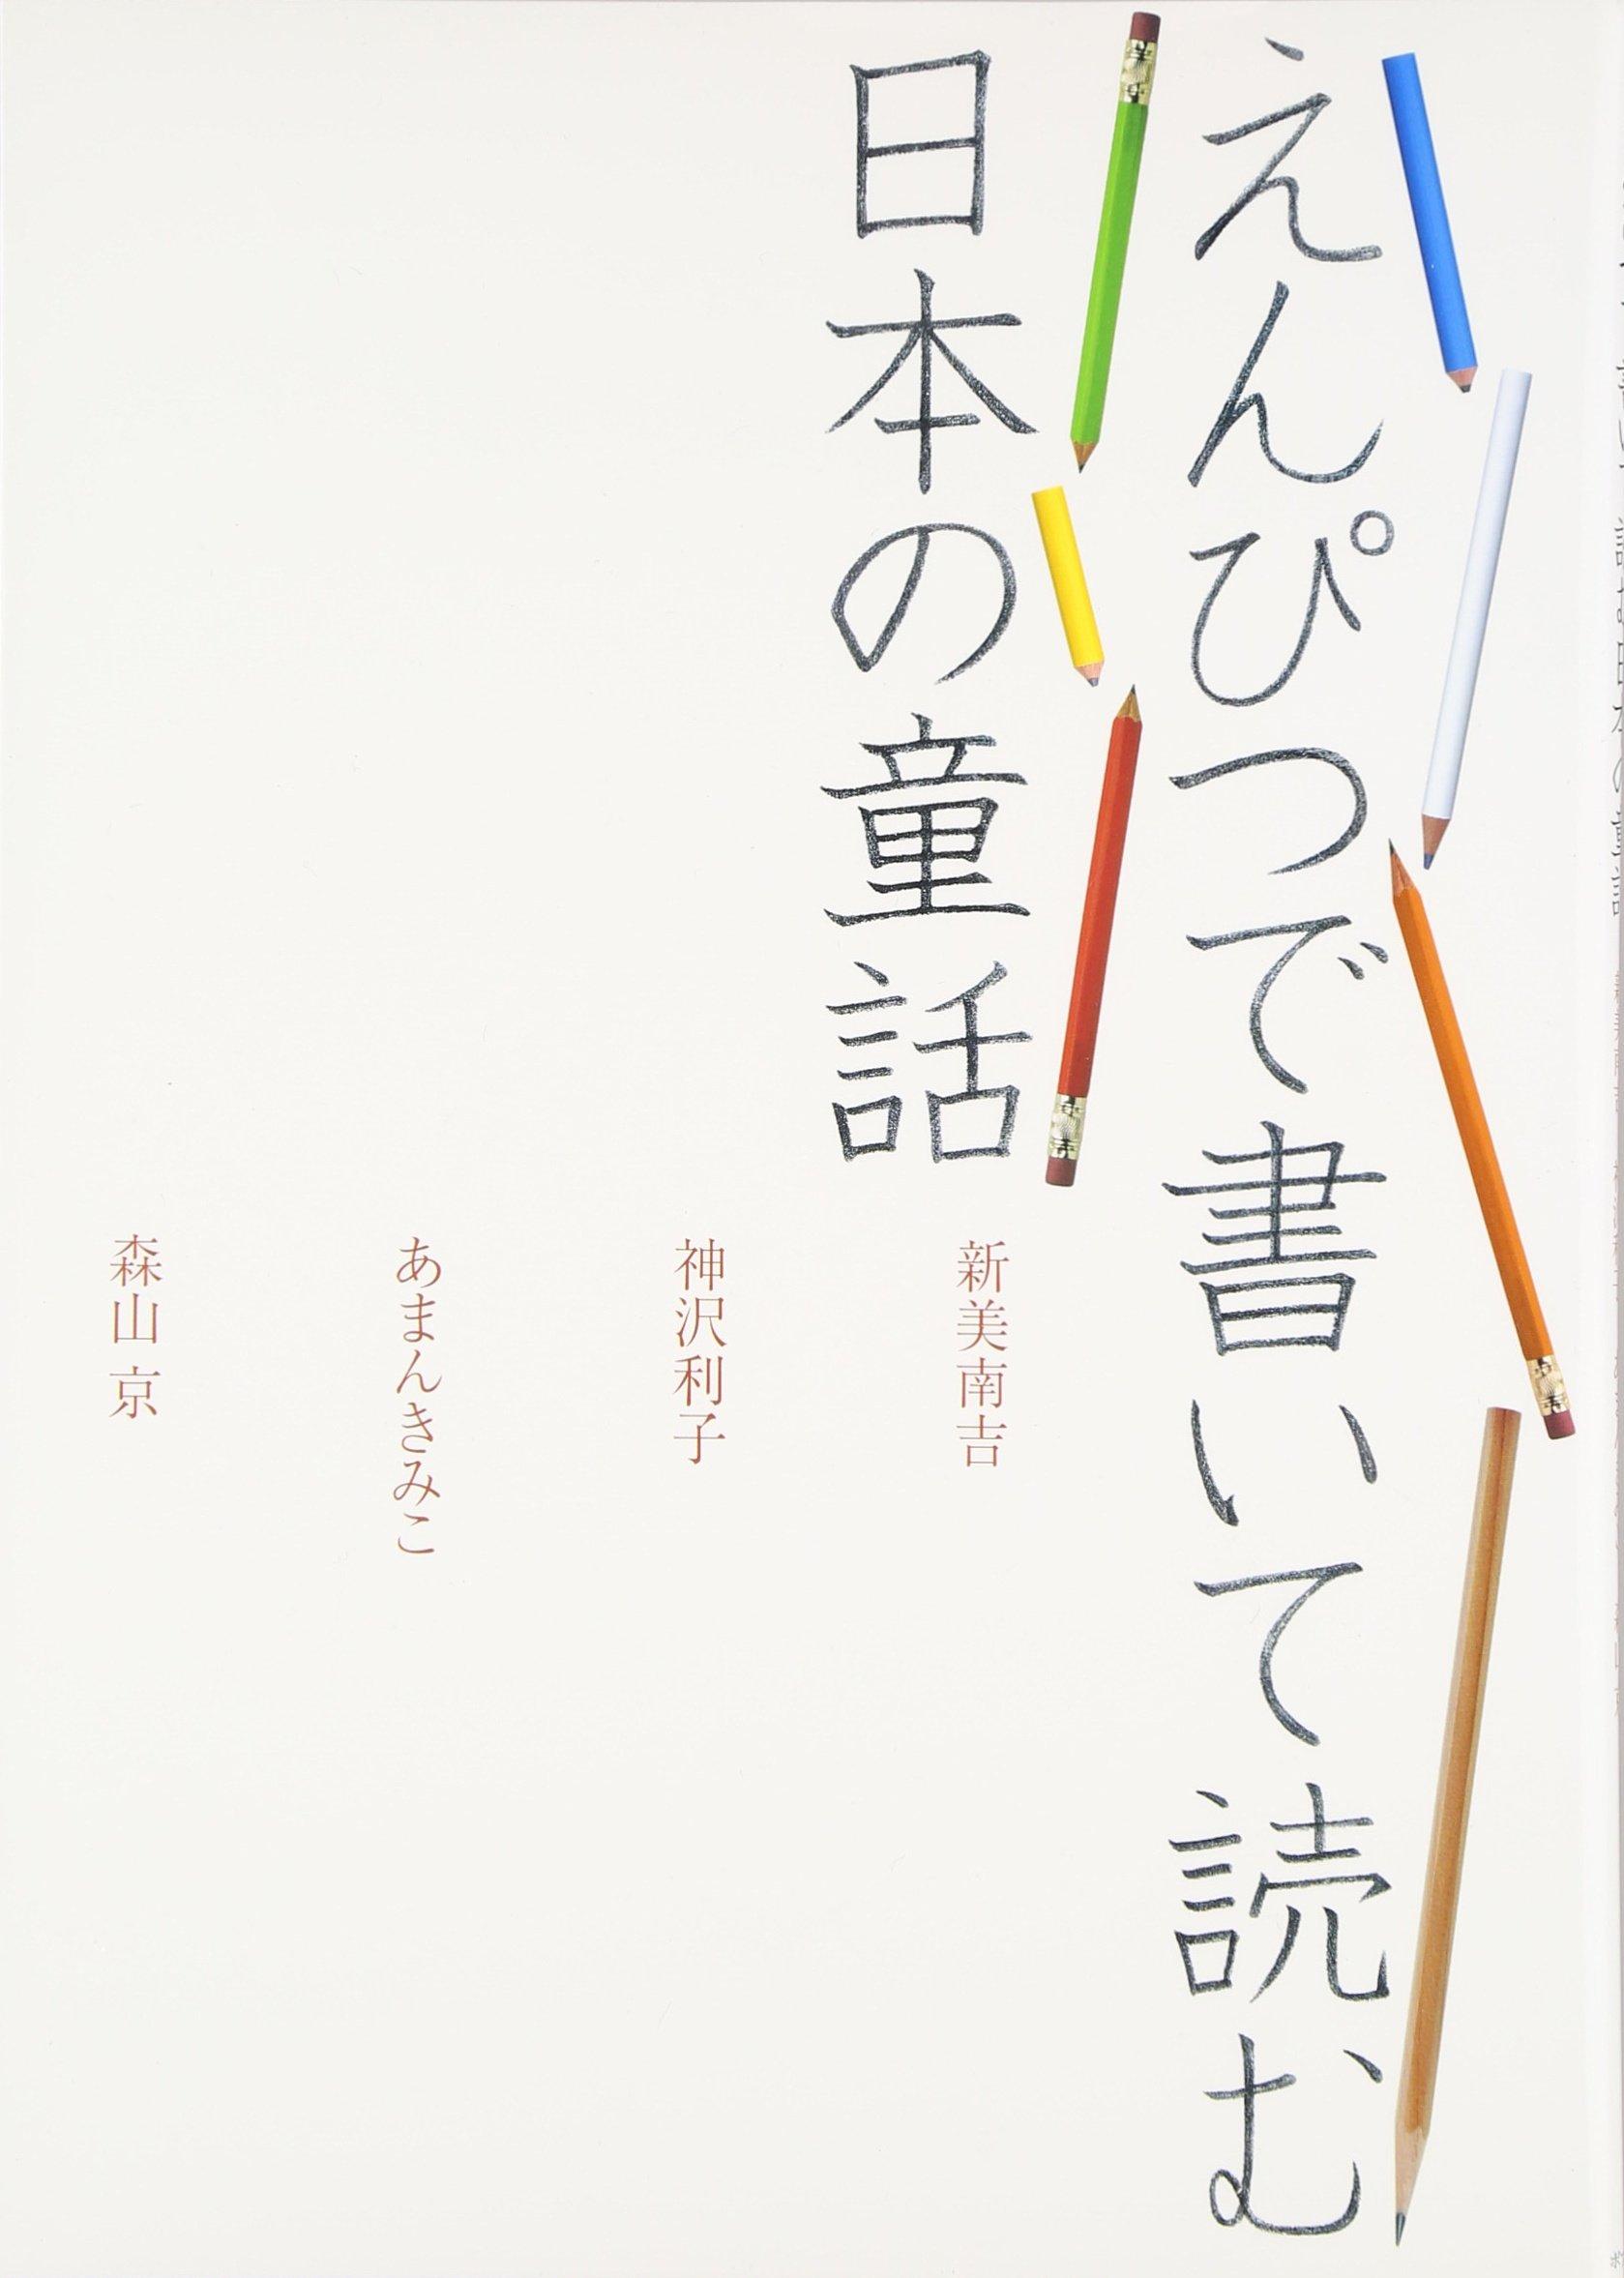 Enpitsu de kaite yomu nihon no dōwa : niimi nankichi kanzawa toshiko aman kimiko moriyama miyako PDF